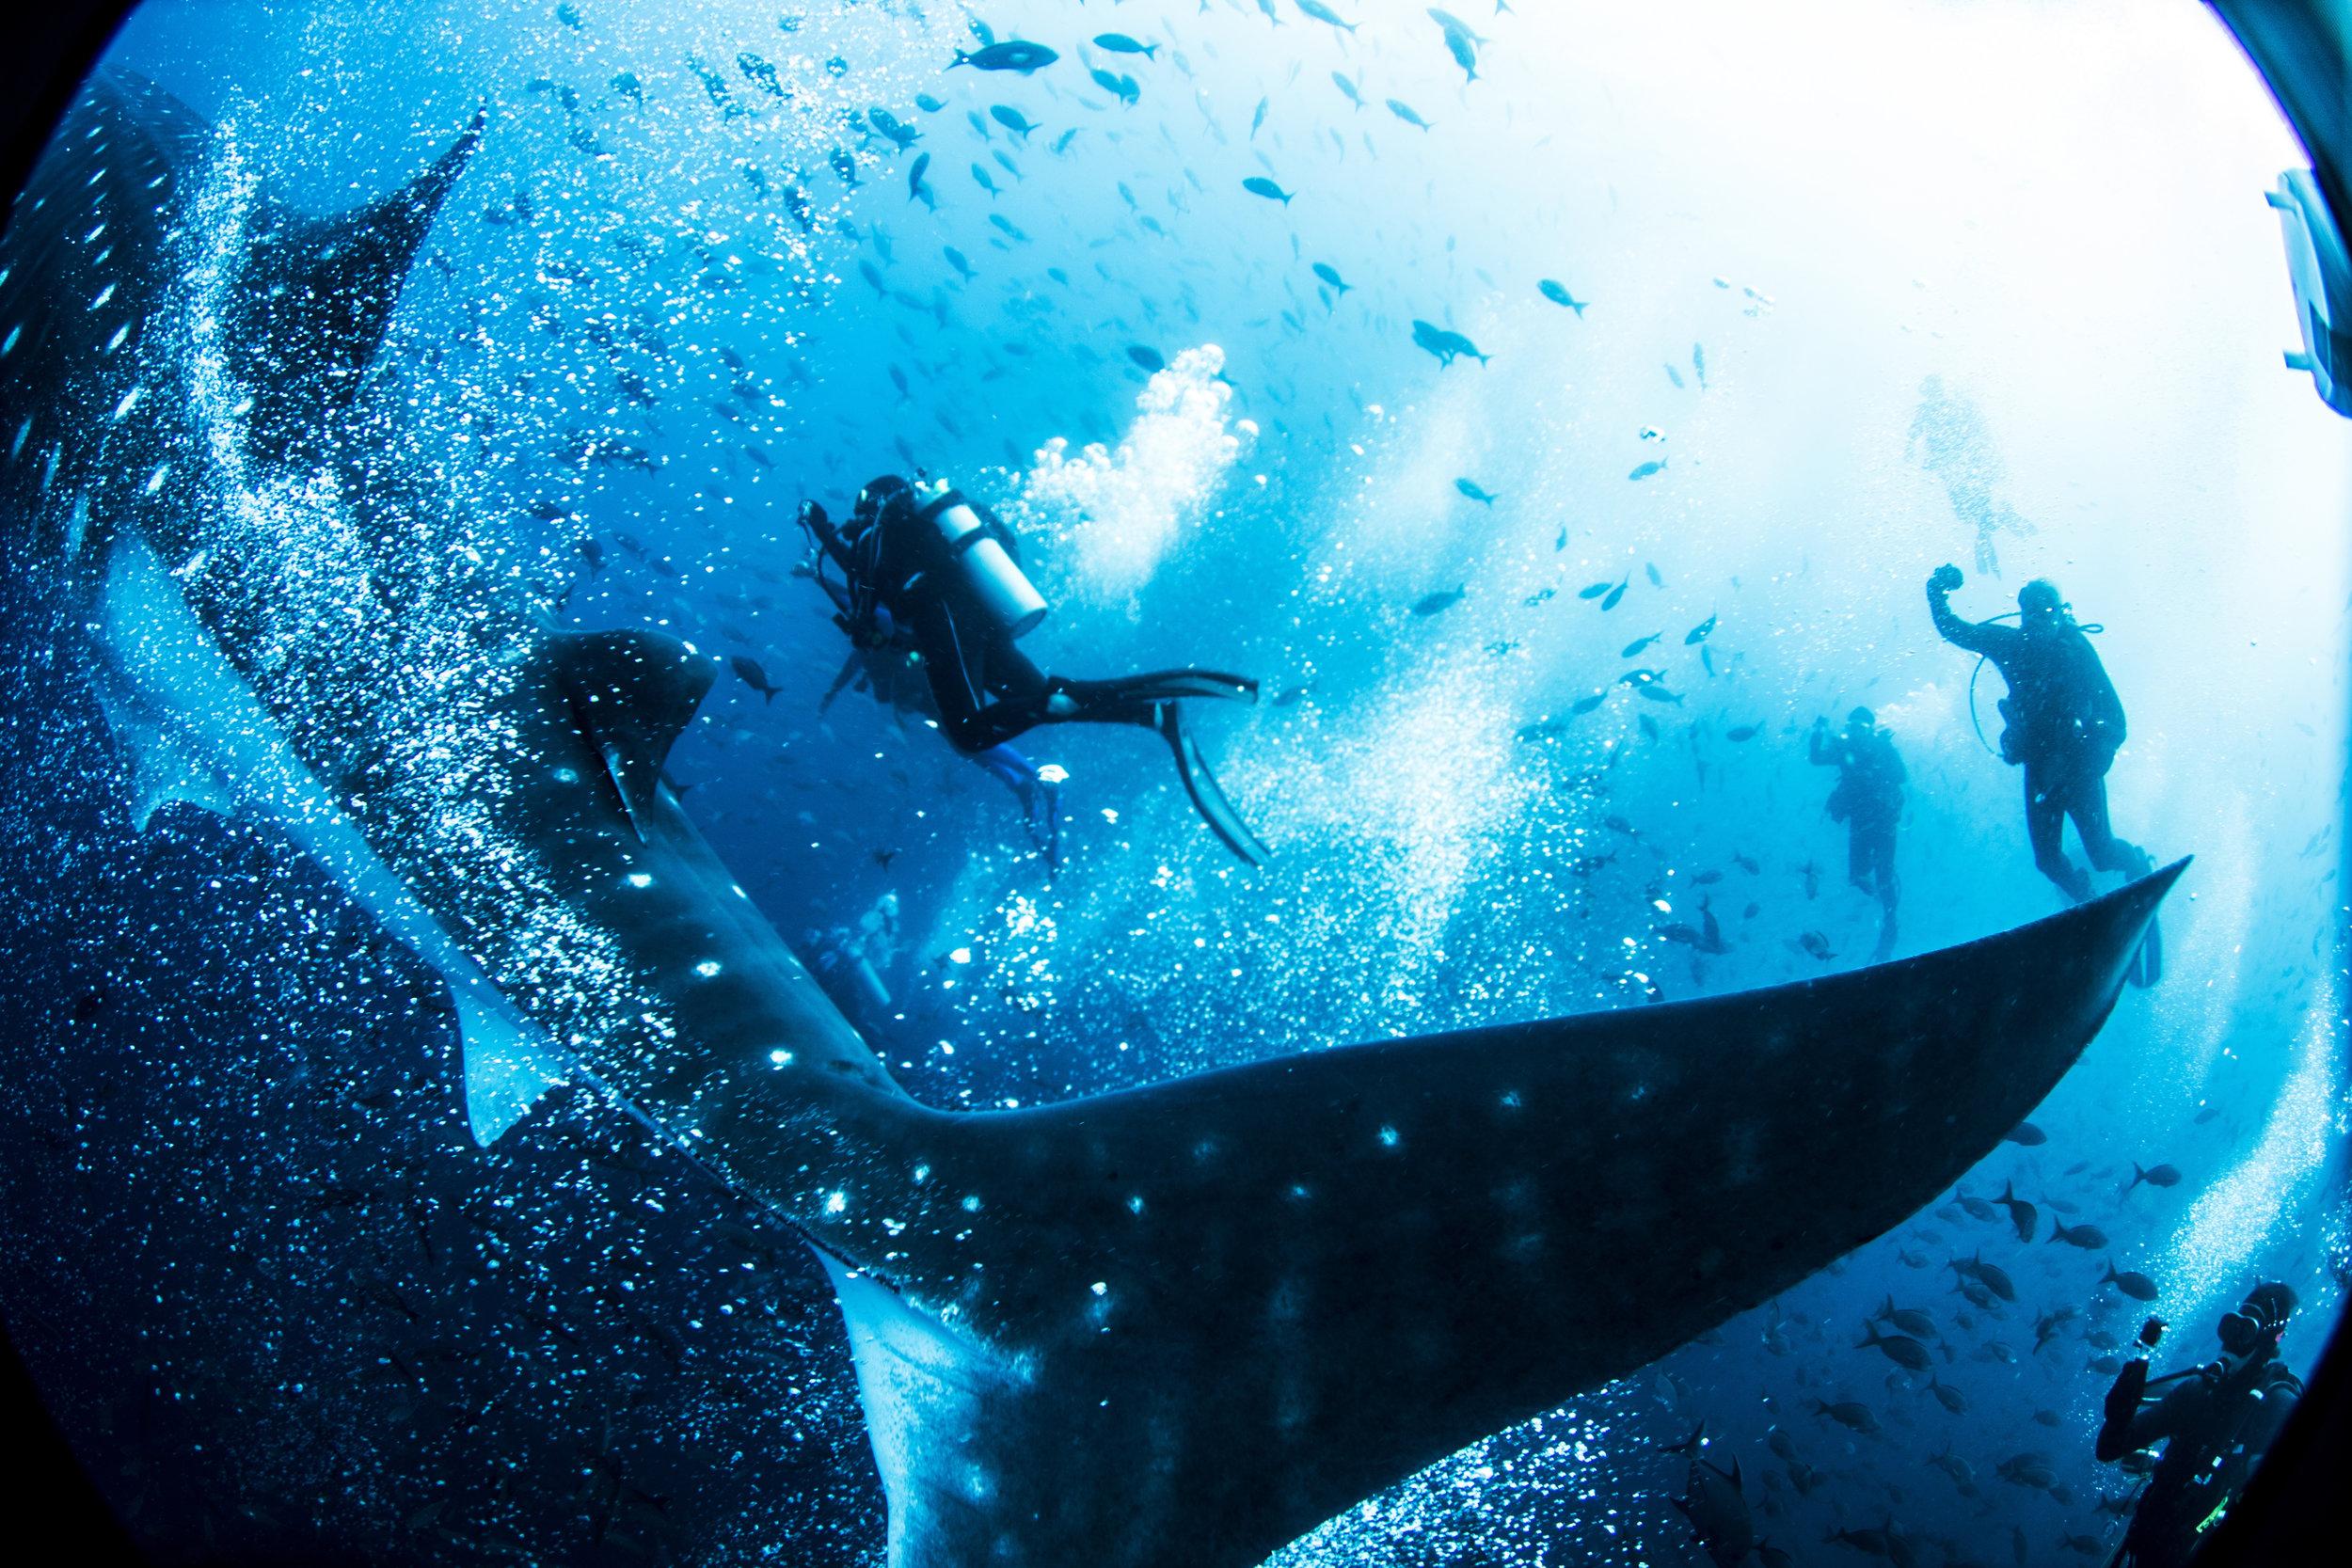 Exploring the deeps in a memorable way.